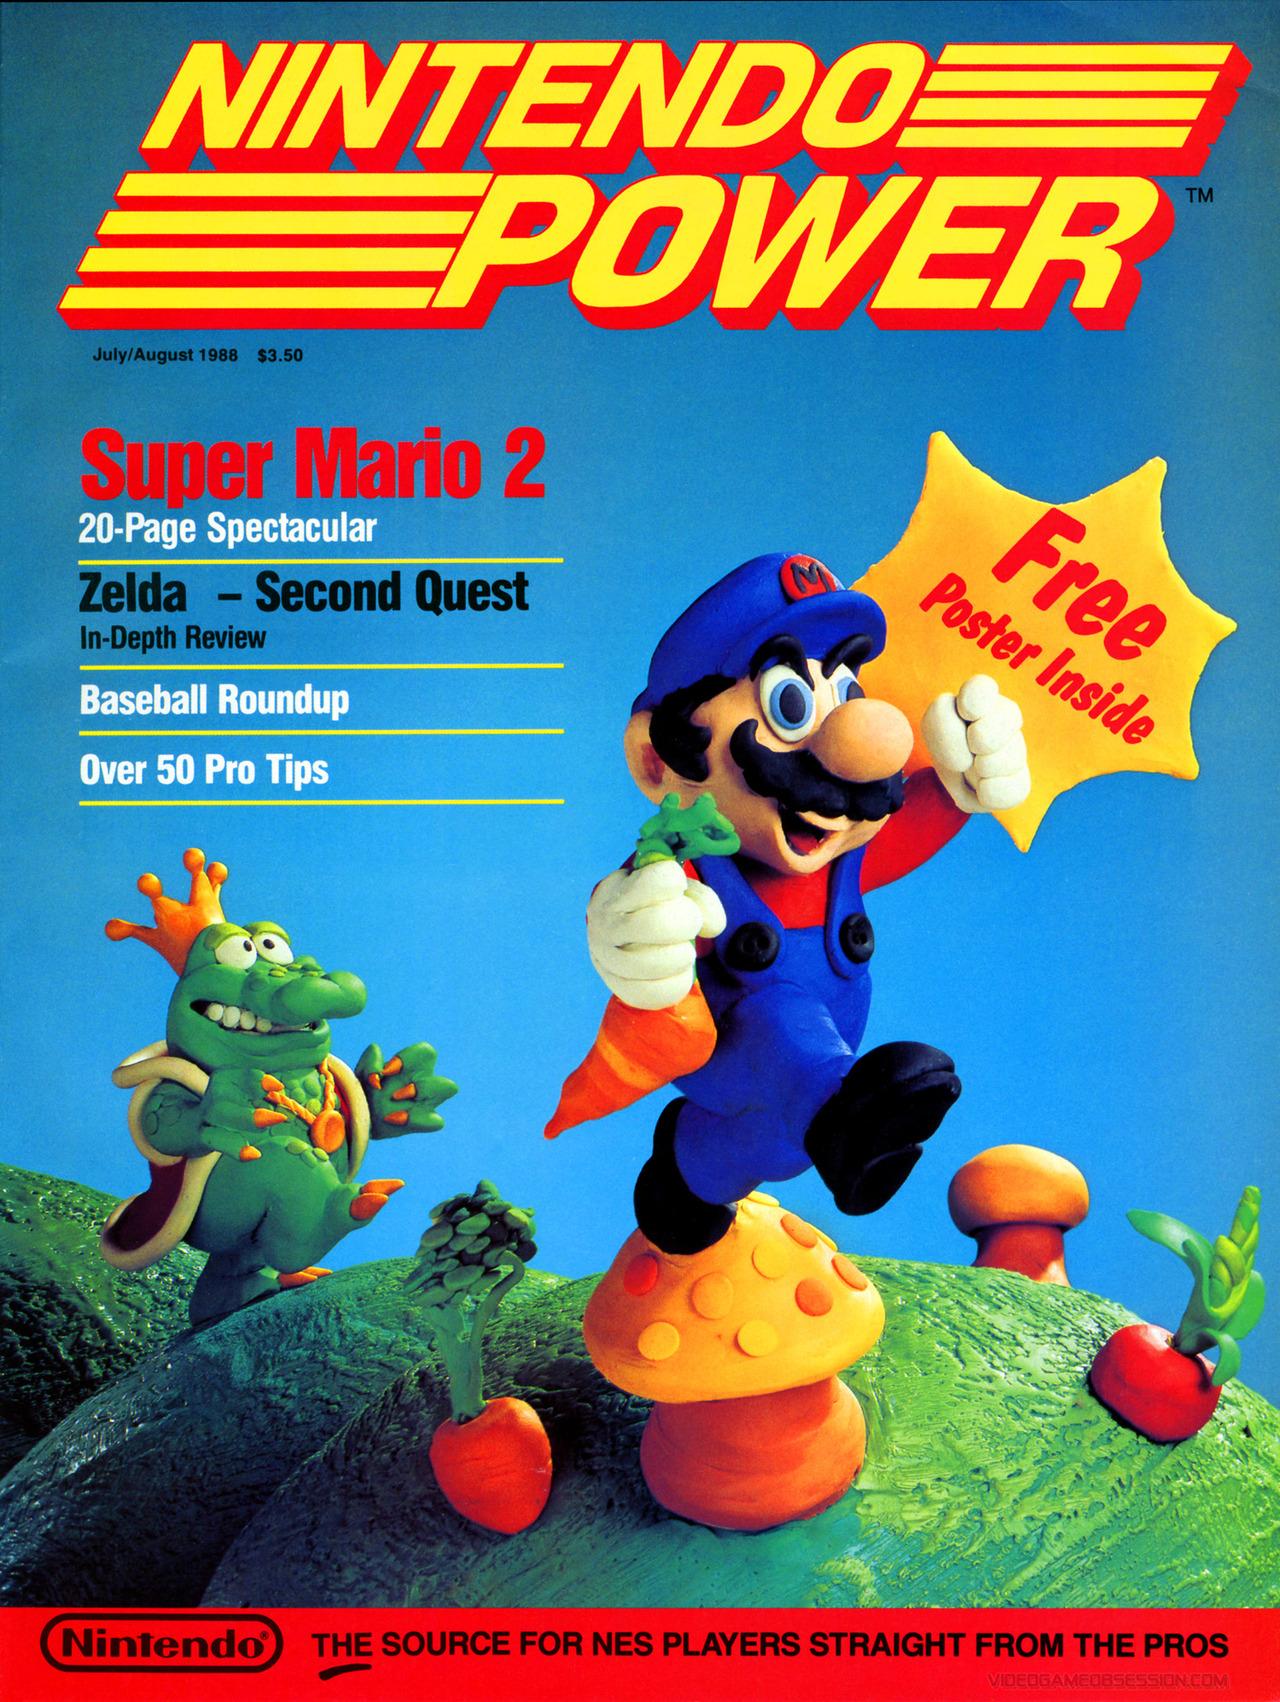 [Image: Nintendo_Power_Volume_1_-_Scan.png]